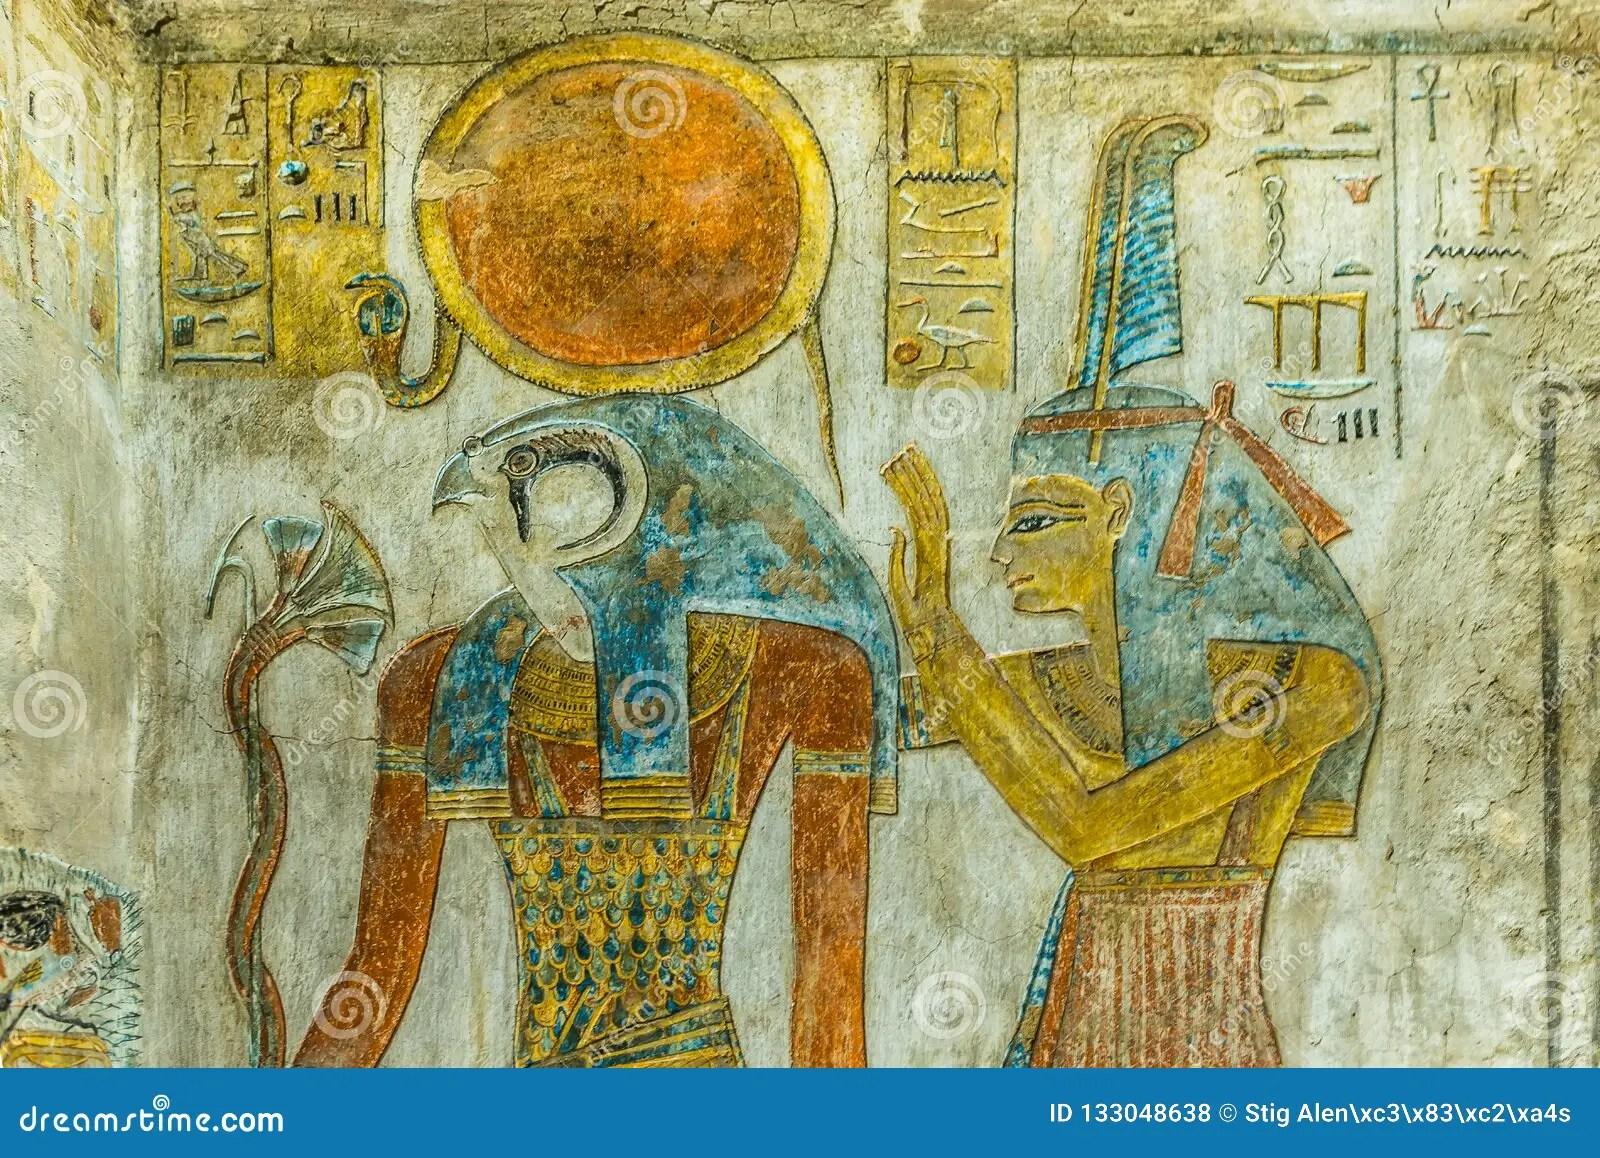 Agyptische Malereien Auf Wand Im Tal Von Konigen Stockbild Bild